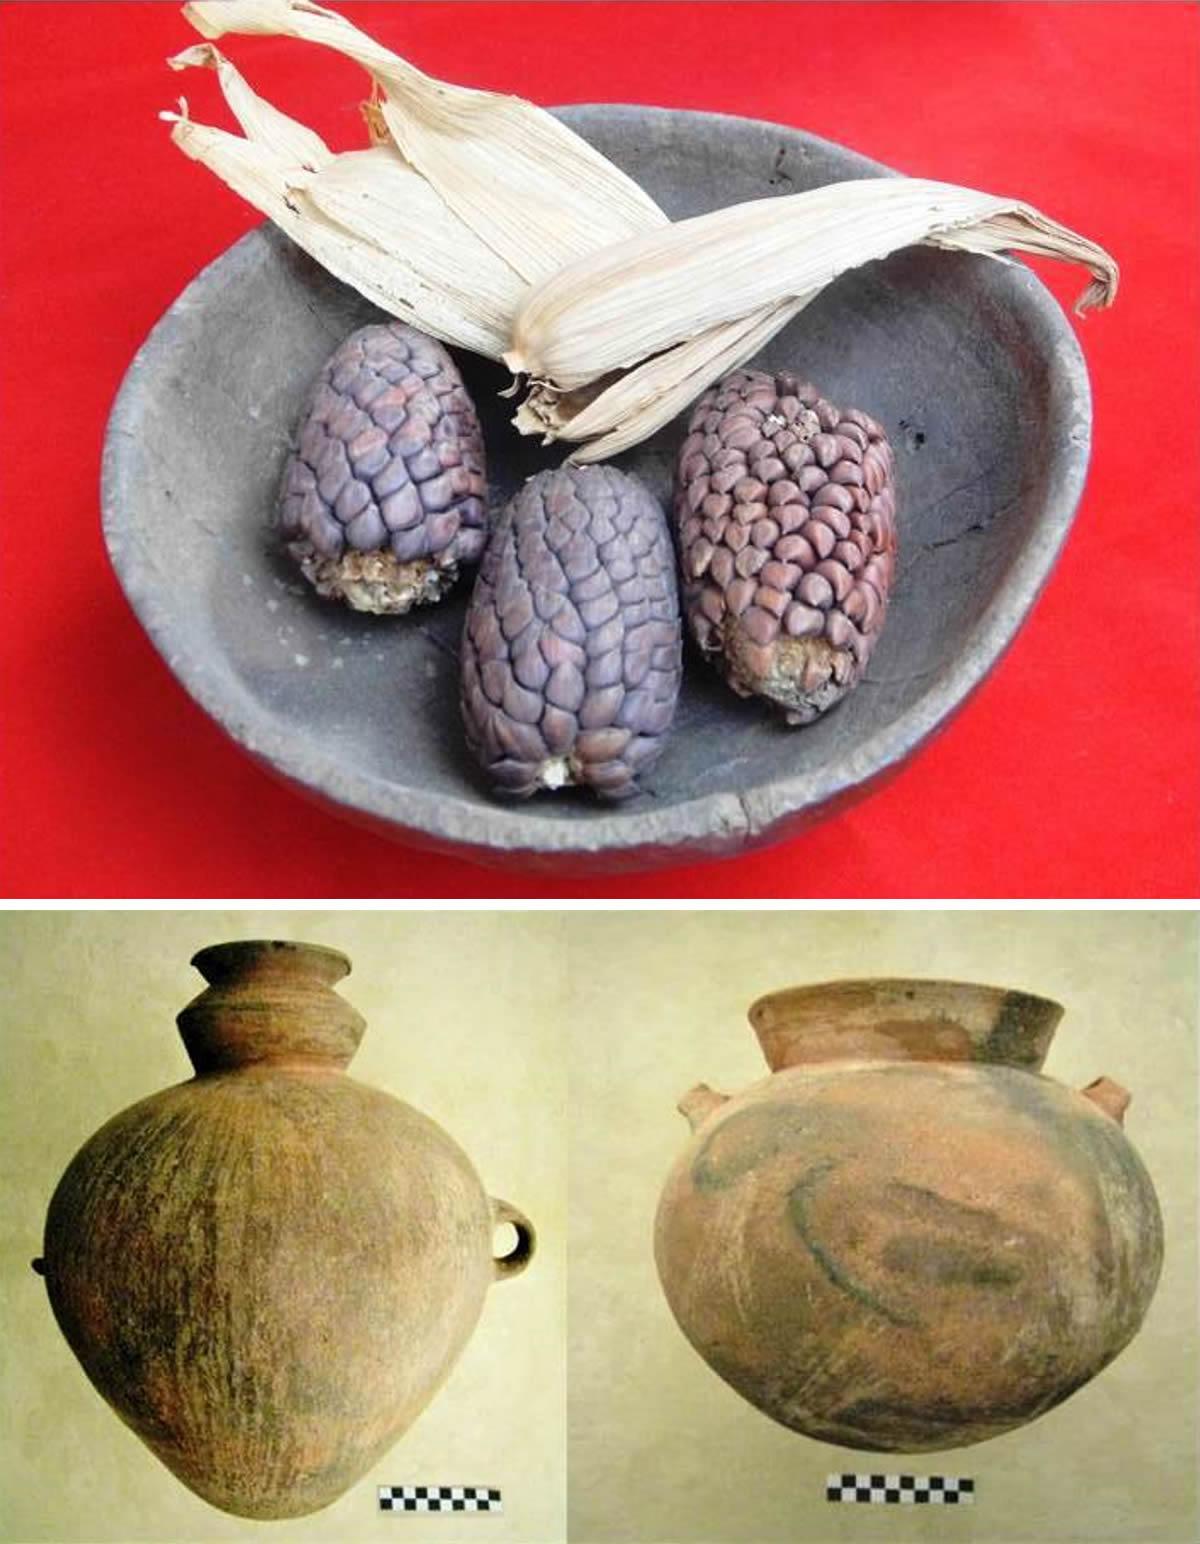 Mate con maíces hallados en Campoy 1990 (Foto; Julio Abanto:2010) y vasijas halladas en las excavaciones de Pedro Caycho en Mangomarca